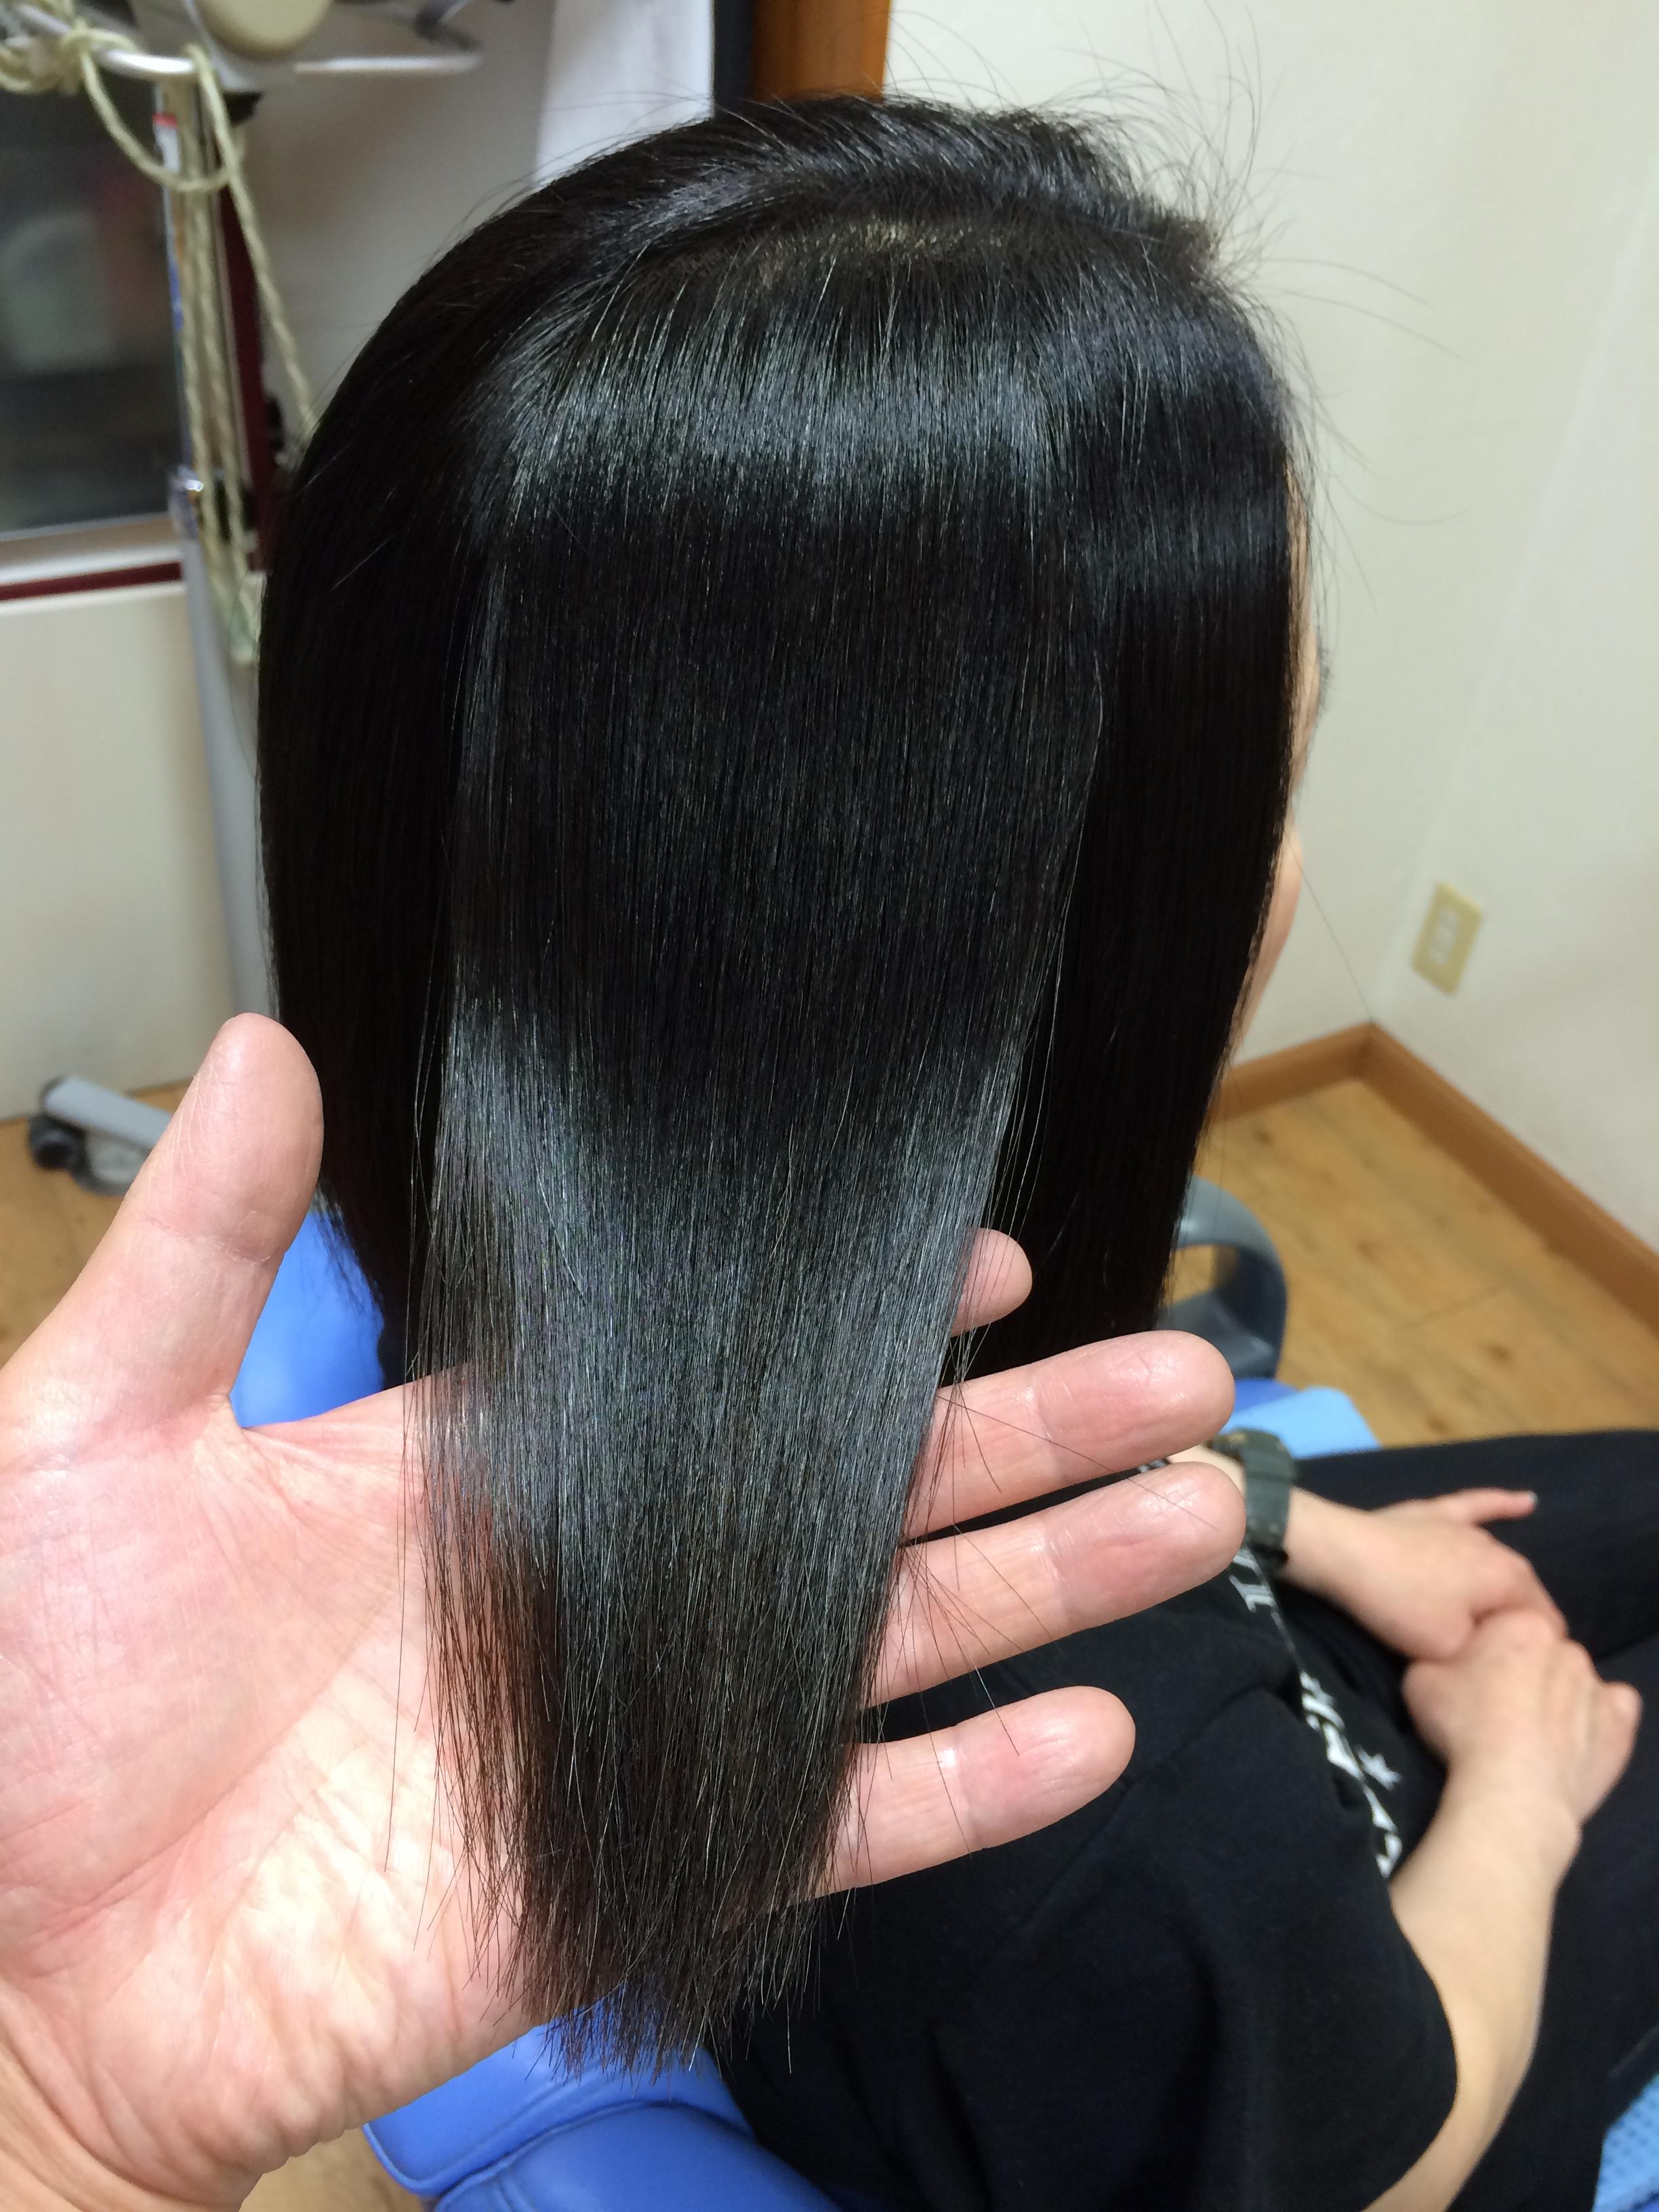 艶髪特集パート3 見た目ナチュラルな縮毛矯正